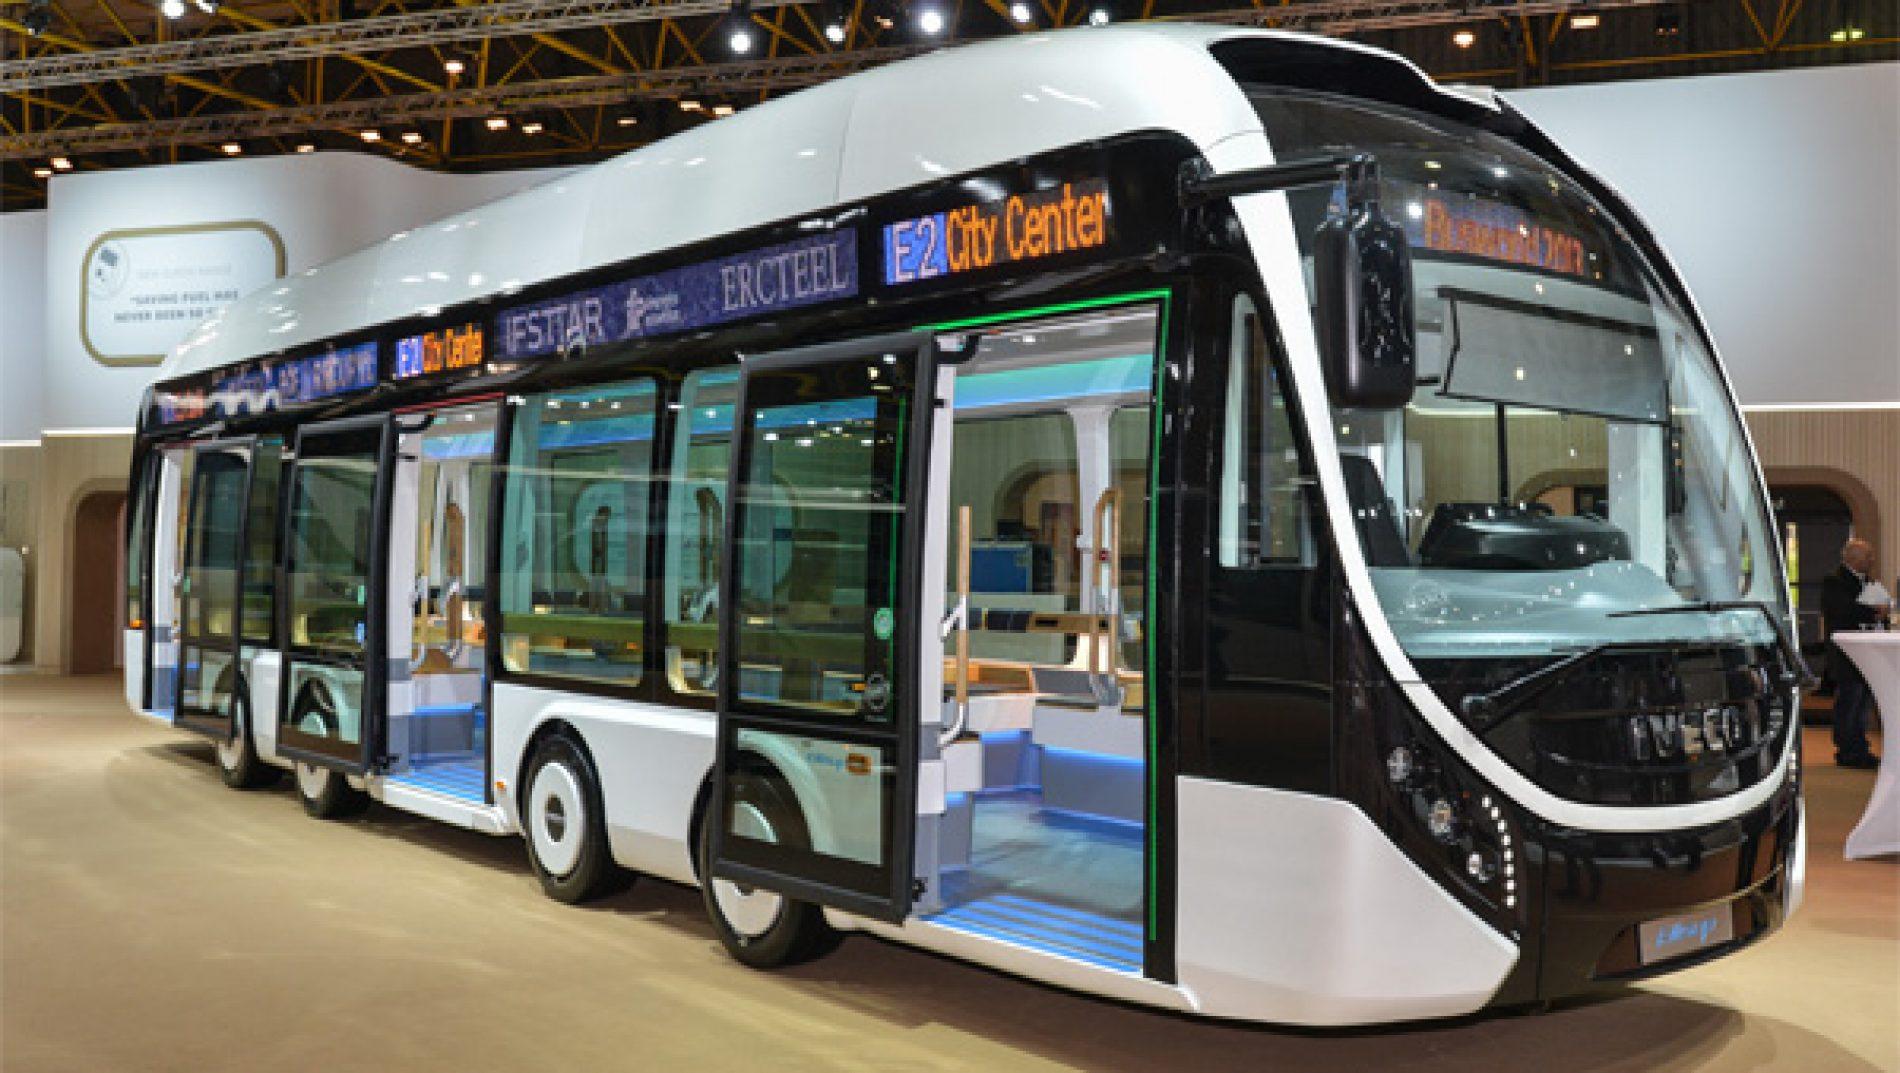 Transports urbains : des bus rapides bientôt à Yaoundé et Douala